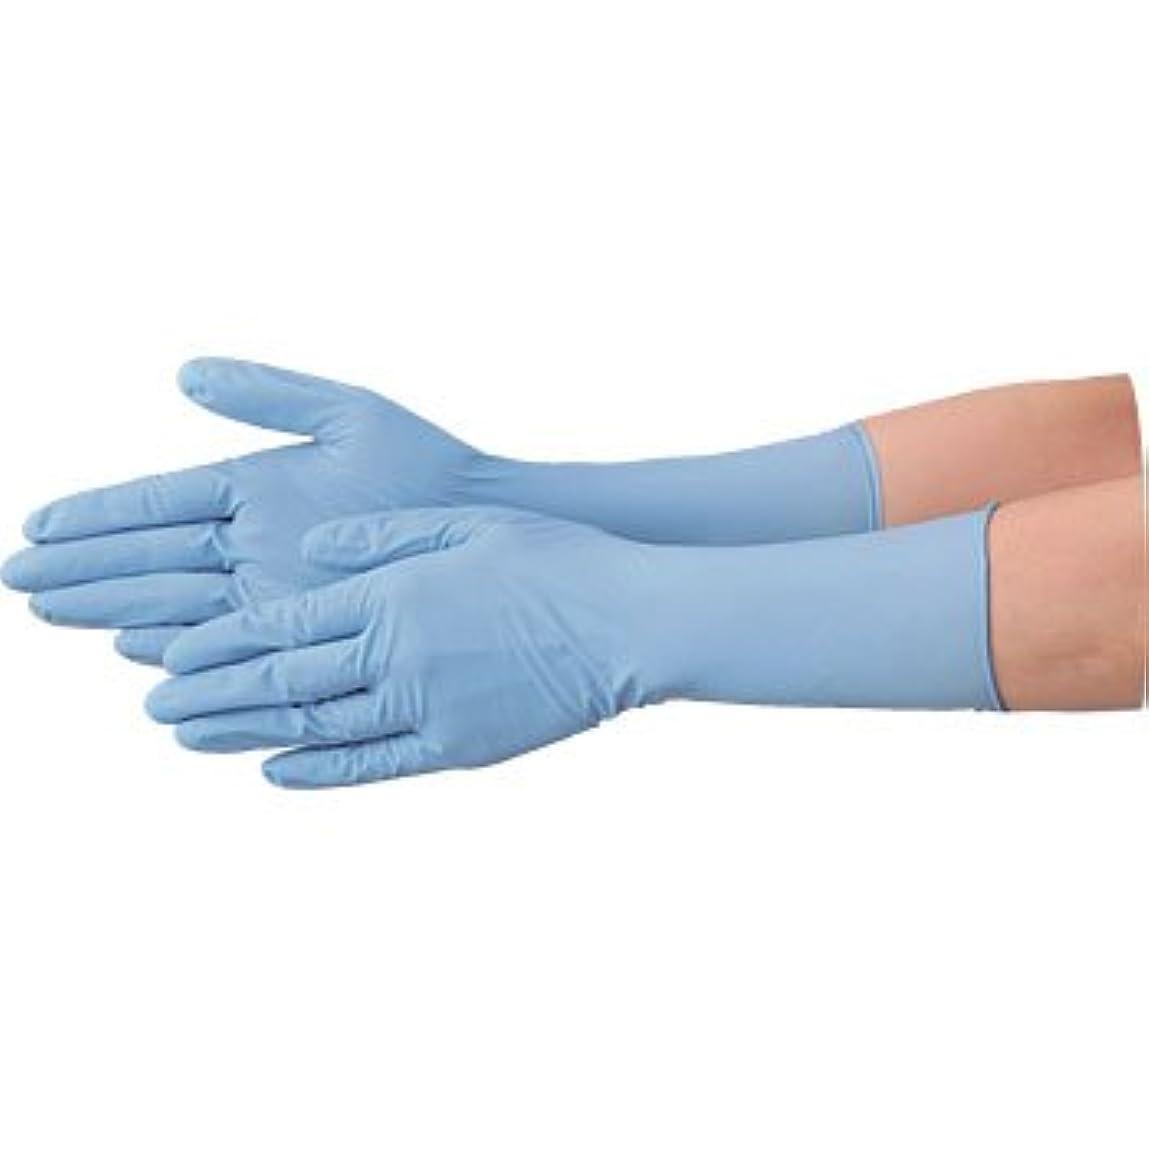 臭いローンスパン使い捨て 手袋 エブノ 528 ニトリル ロング手袋 パウダーフリー 全長29cm ブルー Sサイズ 2ケース(100枚×40箱)